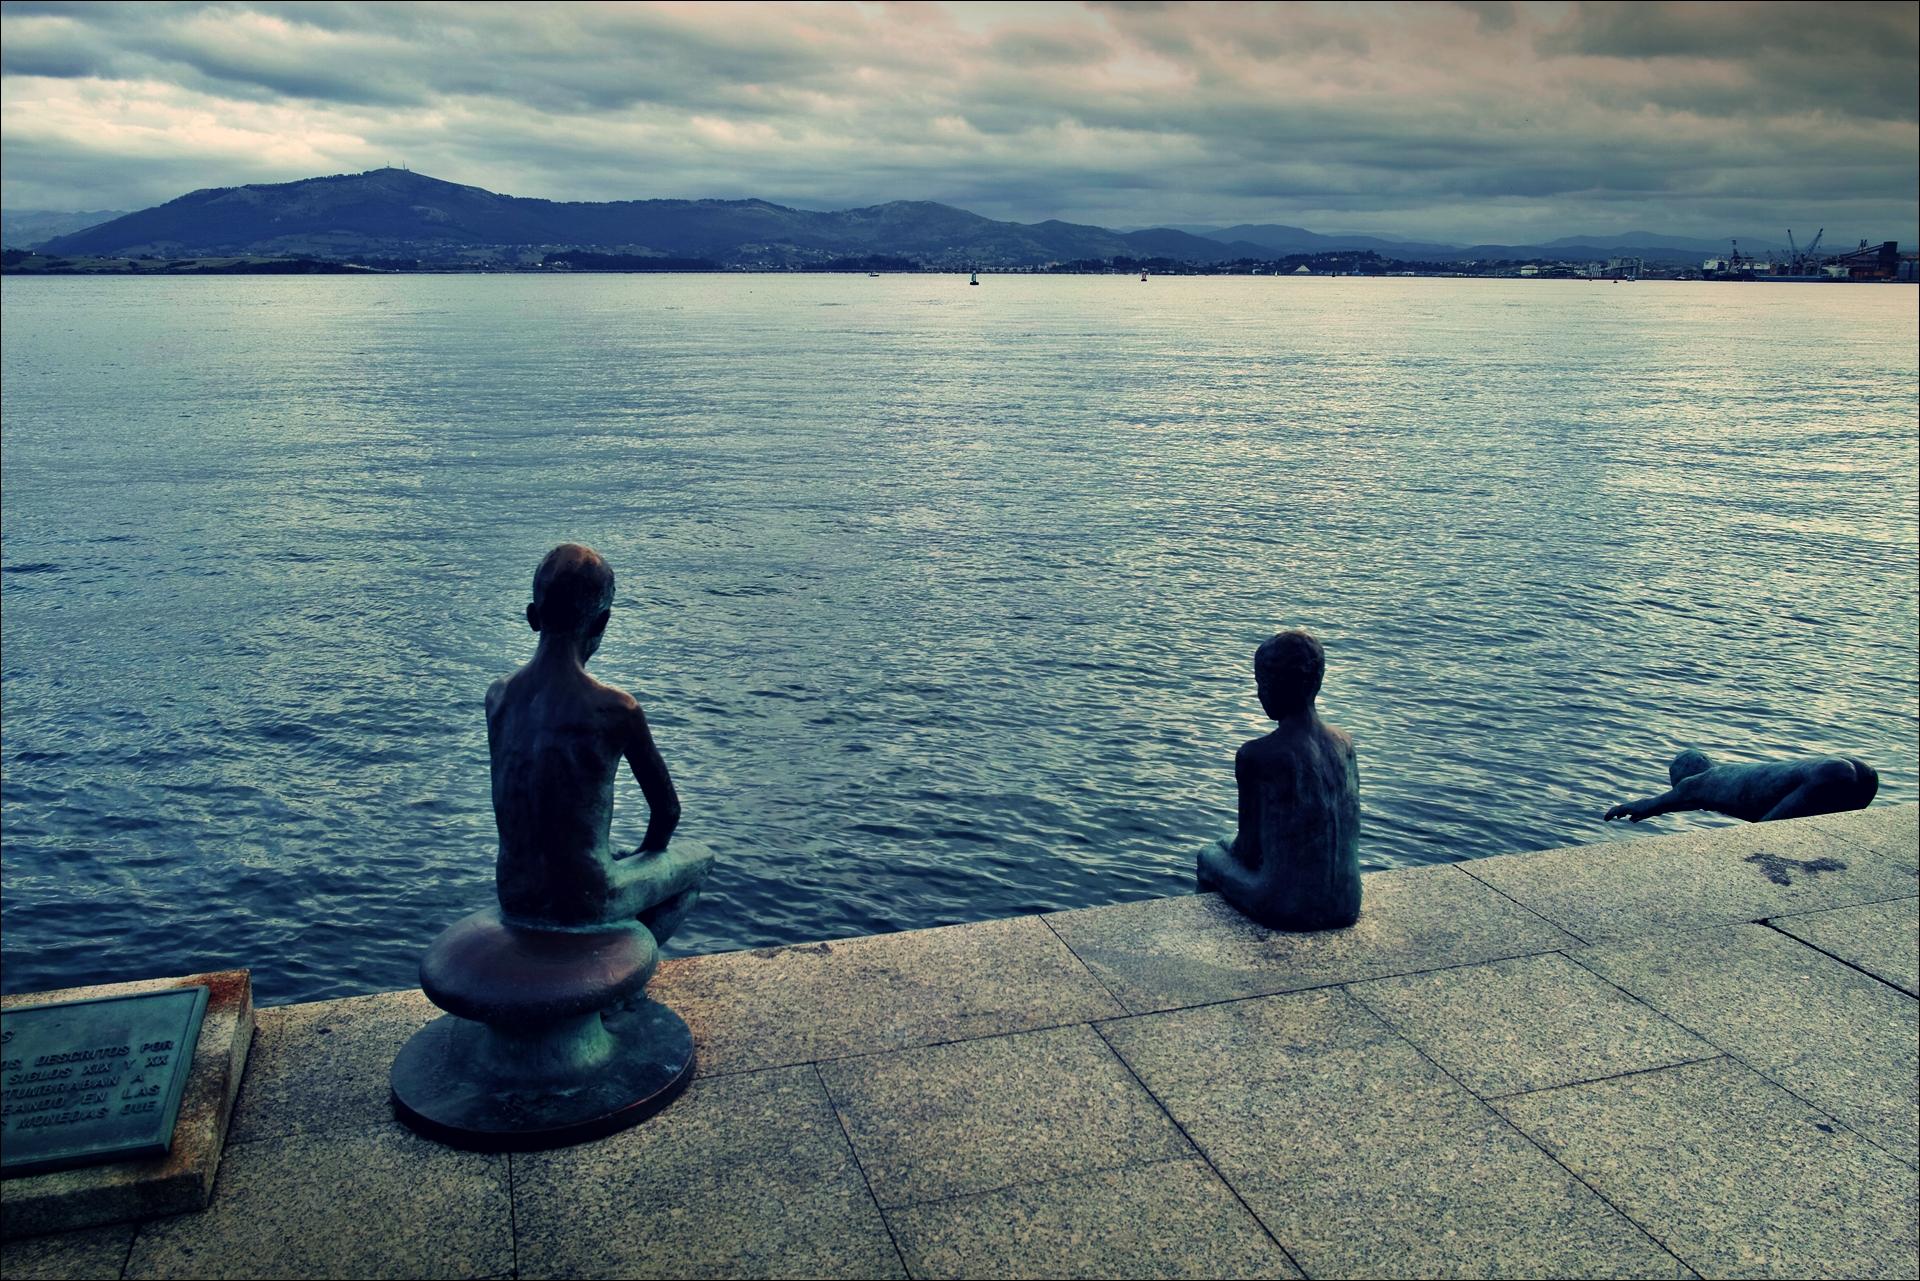 동상-'산탄데르 둘러보기(Sightseeing Santander)'